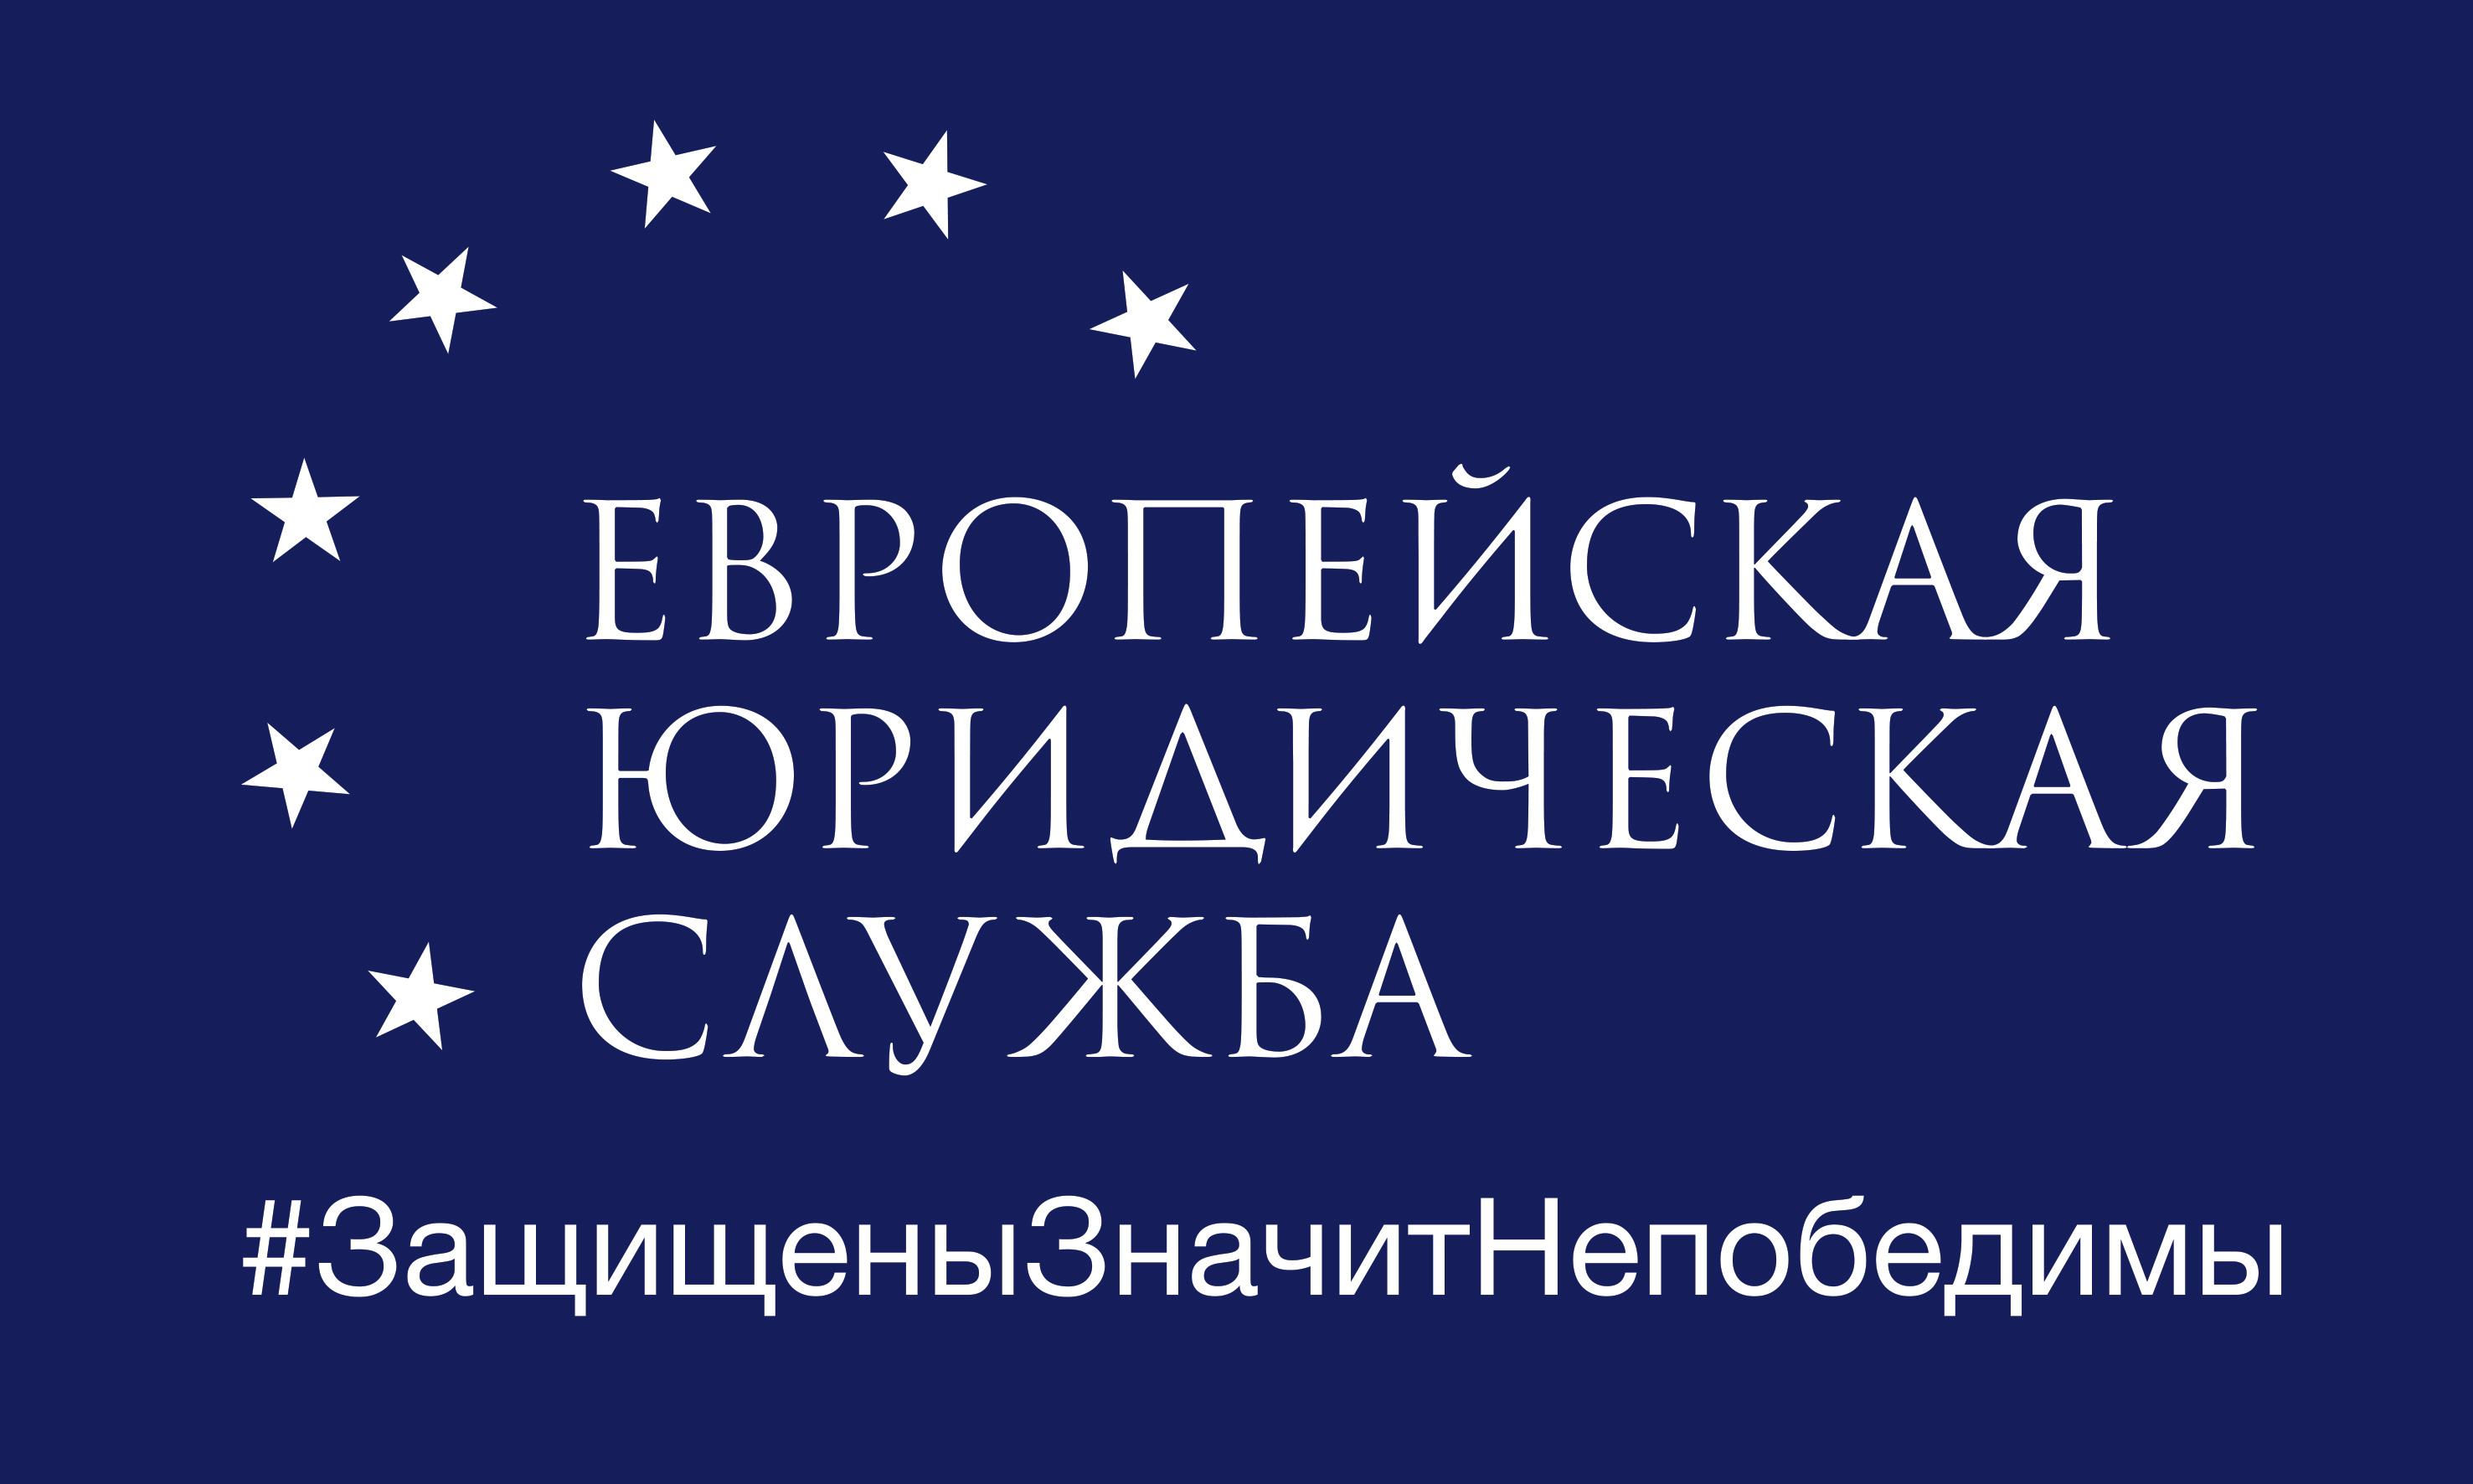 Fans Hotline на матчах Лиги чемпионов «Спартак» - «Ливерпуль» и ЦСКА – «Манчестер Юнайтед»